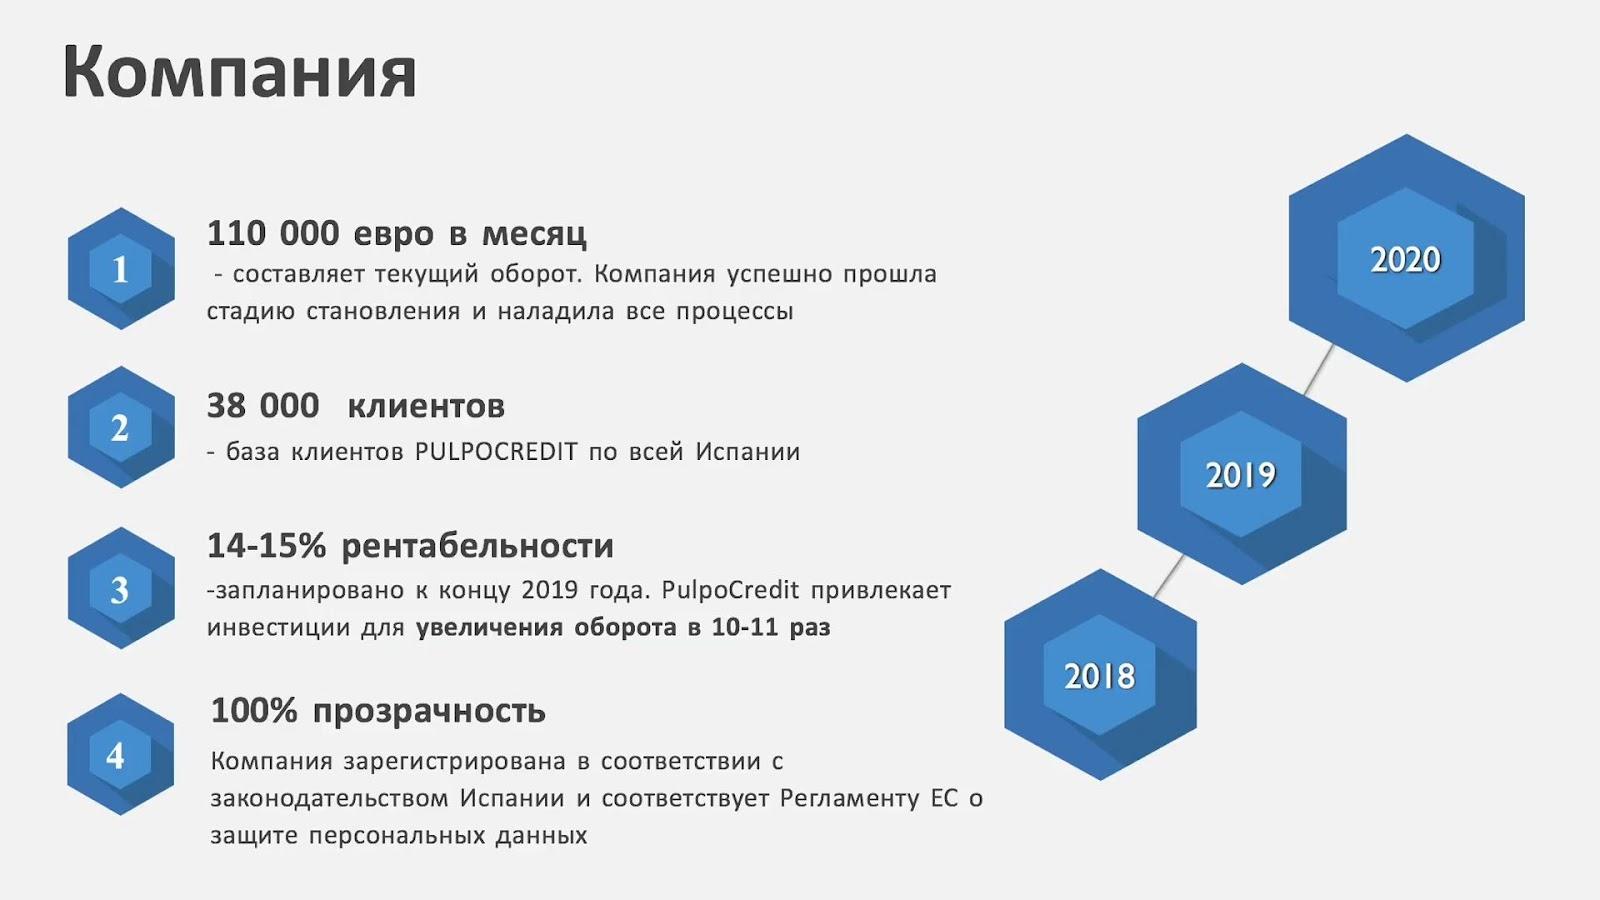 Интервью с Романом Донцом, основателем и исполнительным директор компании Inton Consult SL